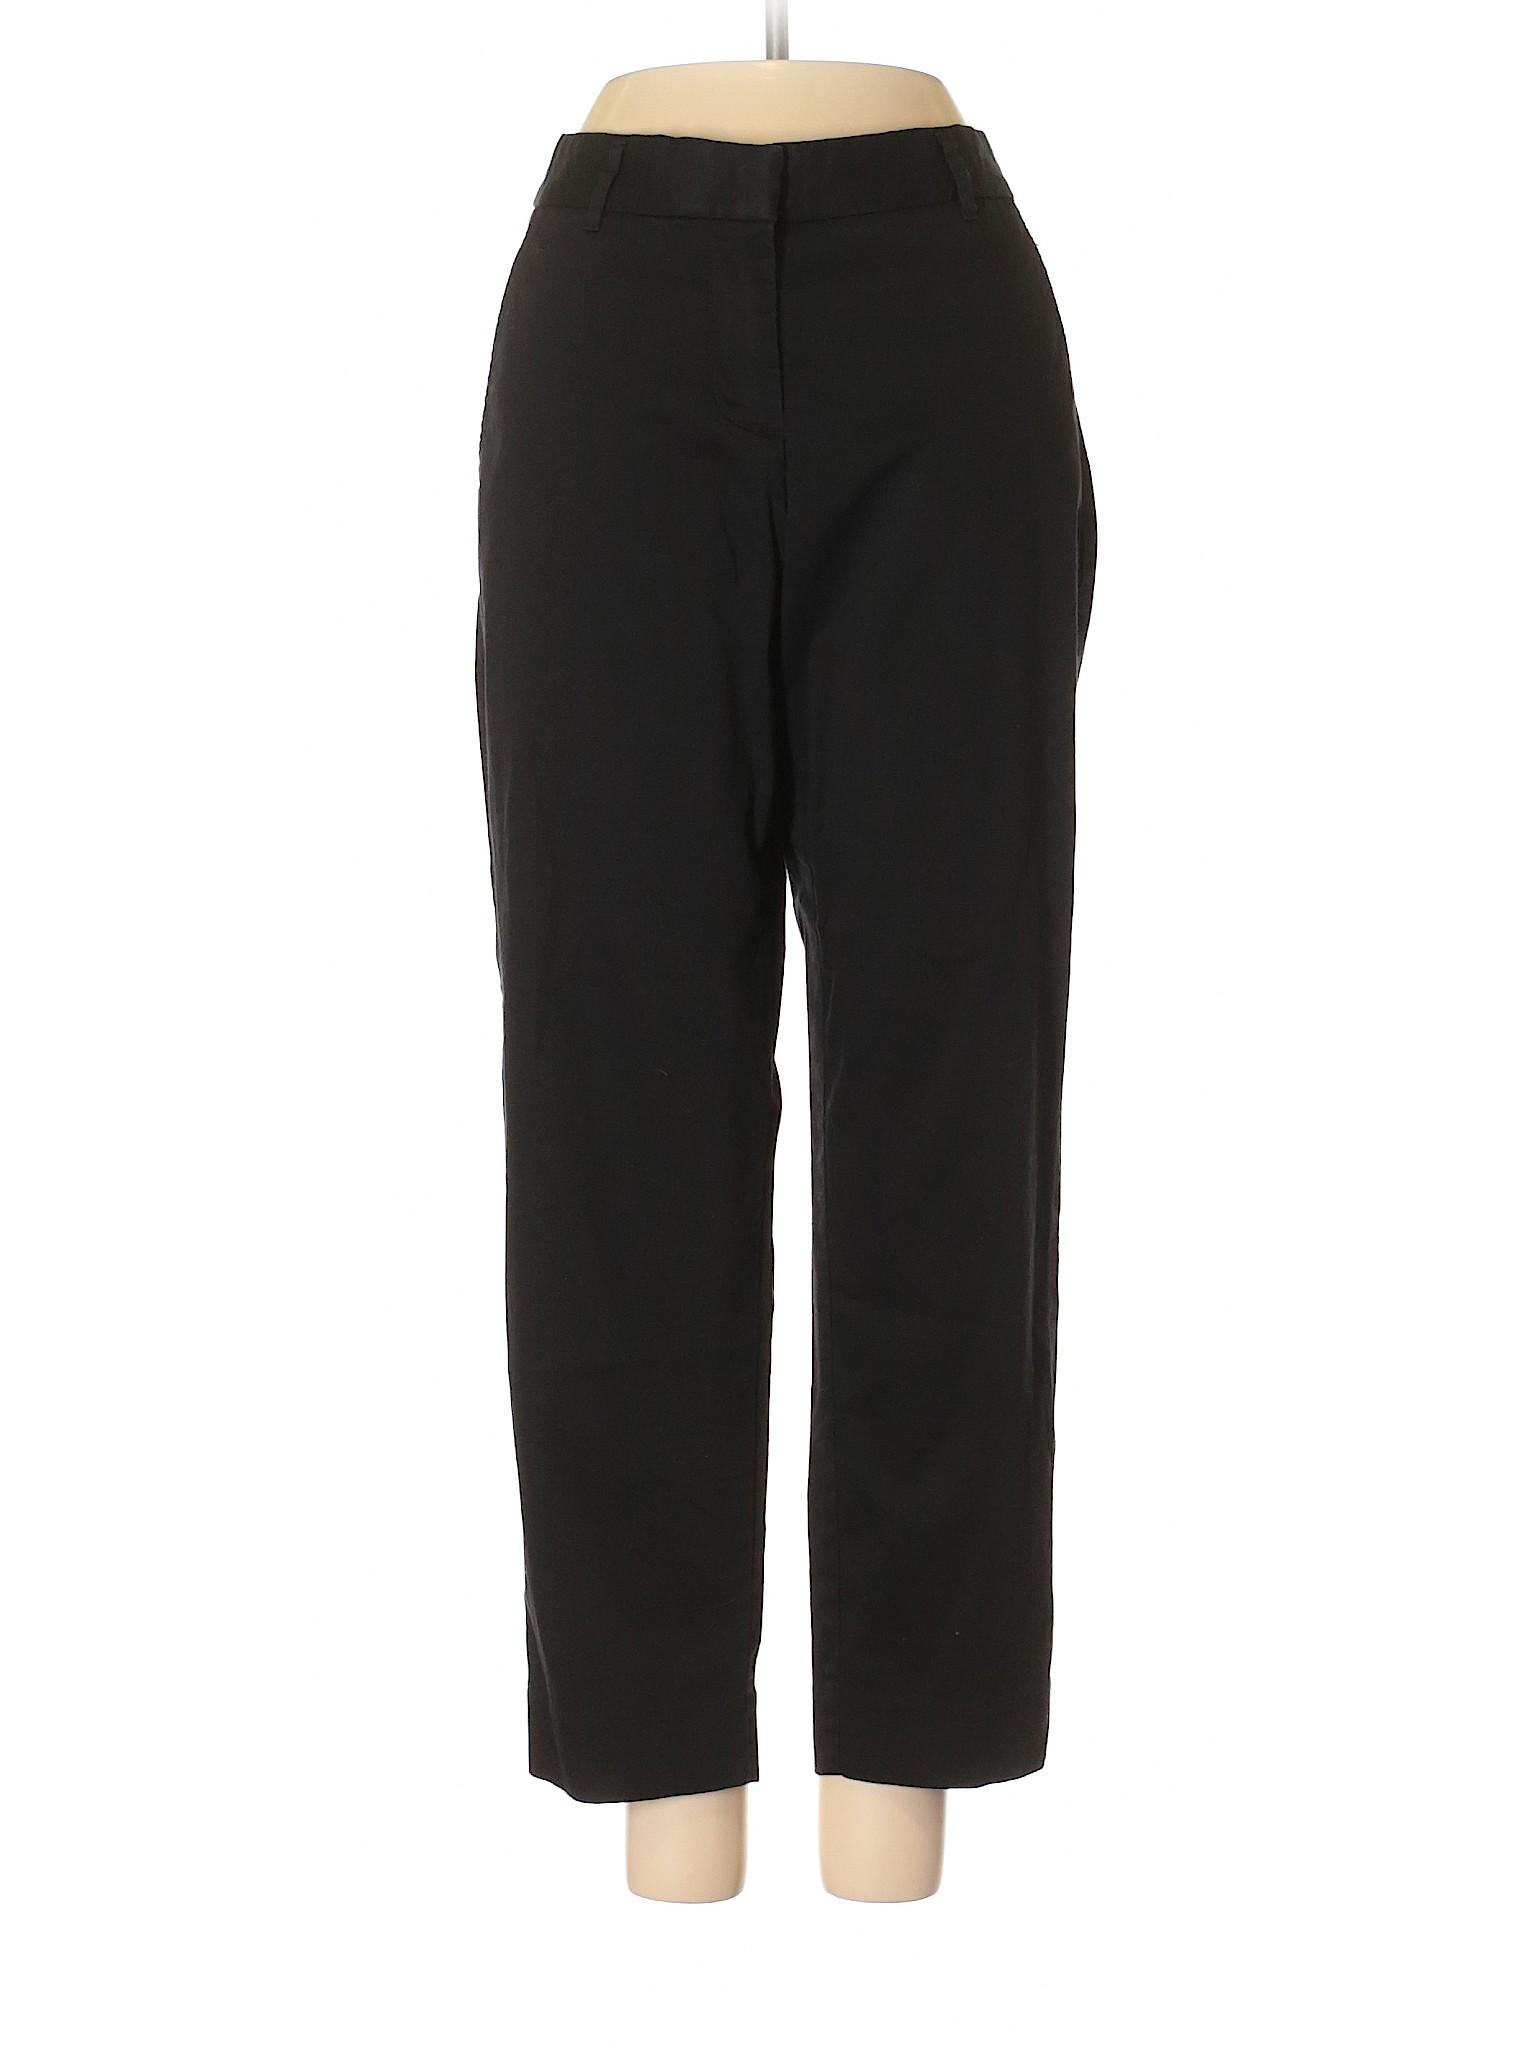 Factory leisure Crew Pants Boutique Store J Dress U8qt7